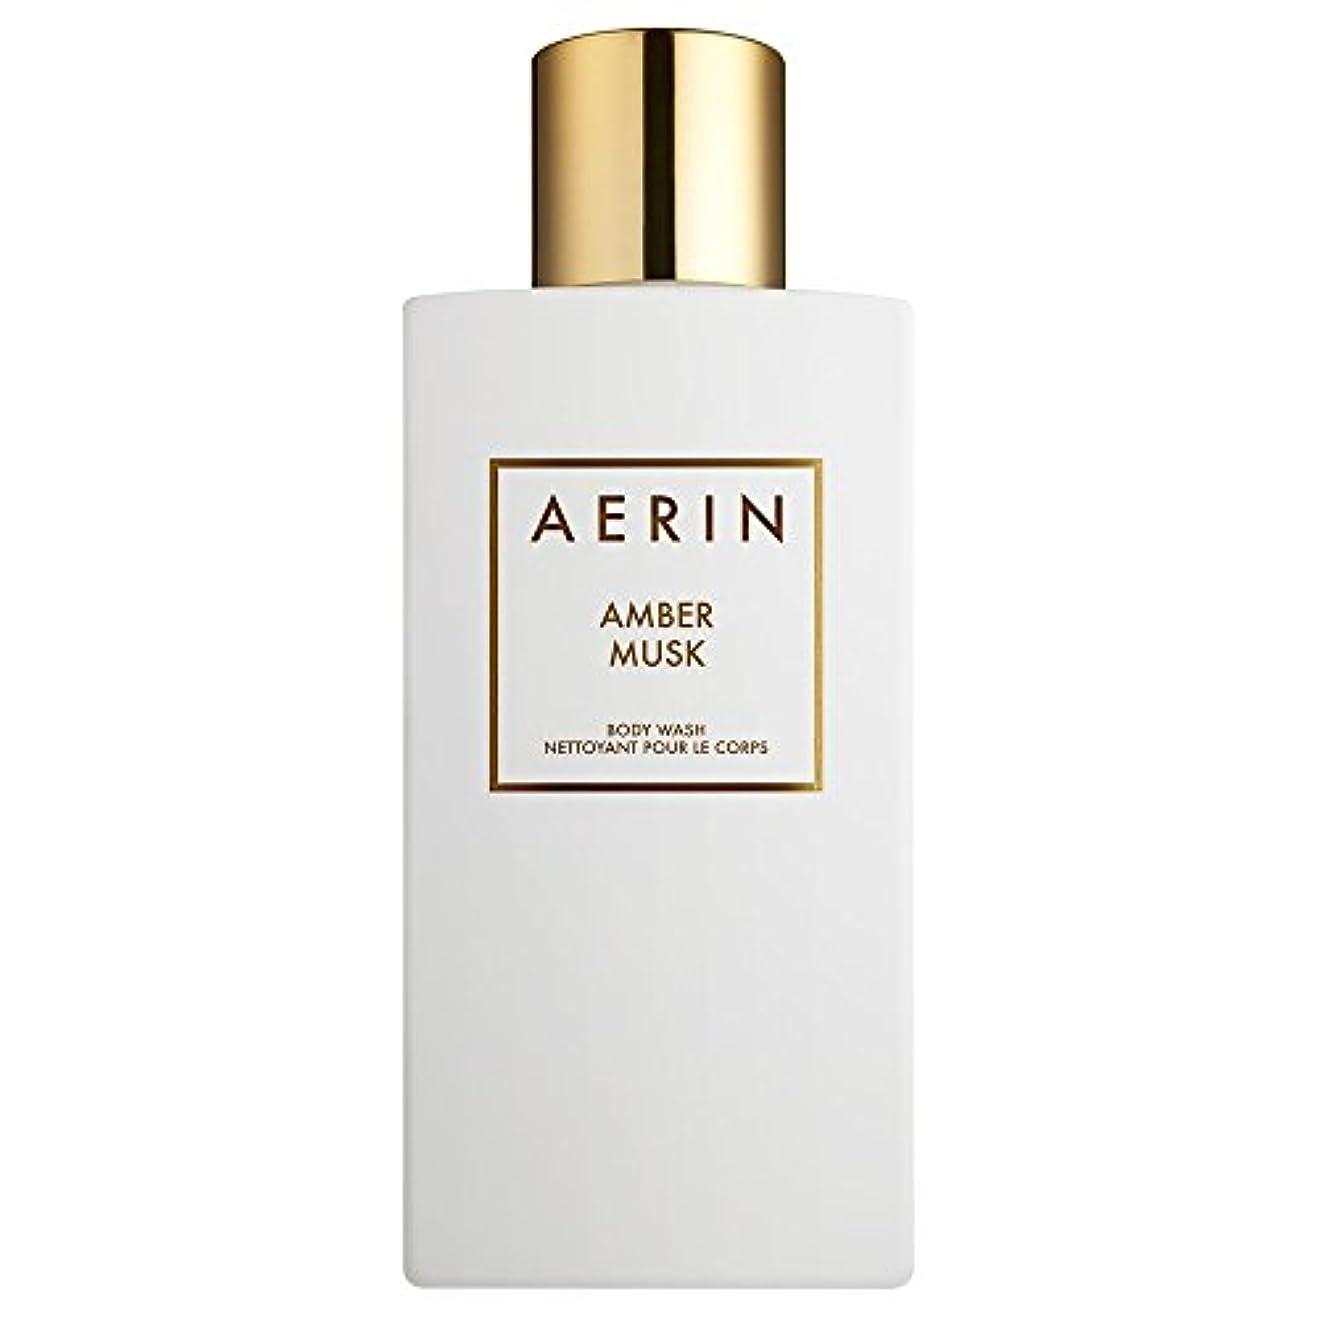 メータートーク下るAerinアンバームスクボディウォッシュ225ミリリットル (AERIN) (x6) - AERIN Amber Musk Bodywash 225ml (Pack of 6) [並行輸入品]